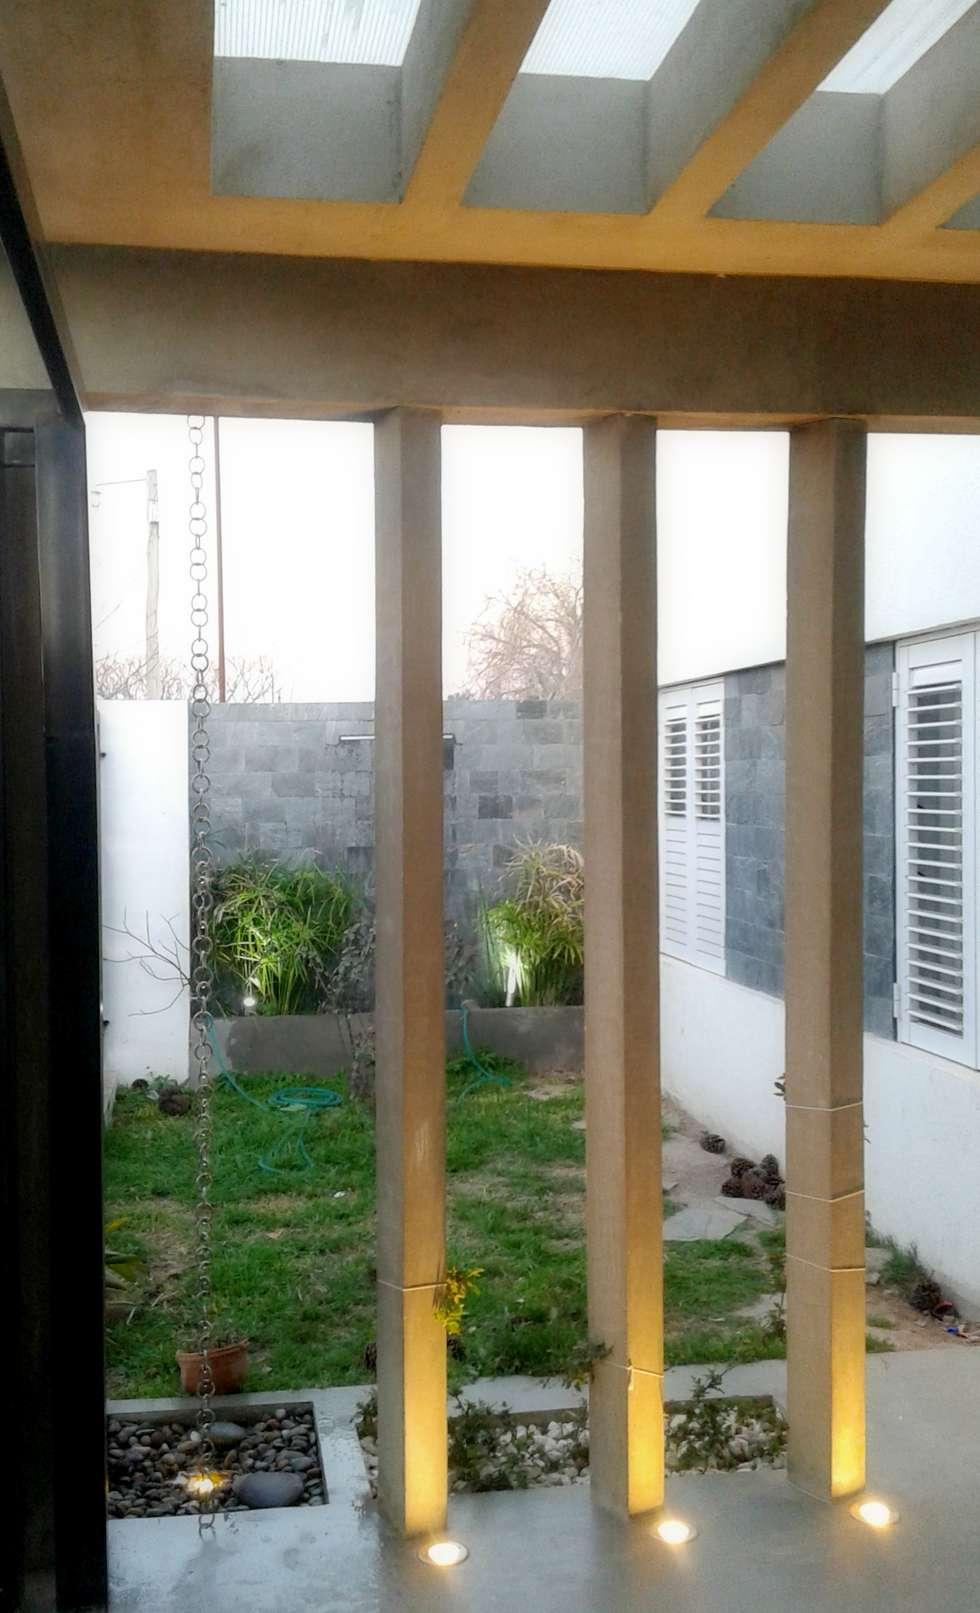 Piso de microcemento : Casas de estilo minimalista por De Signo +